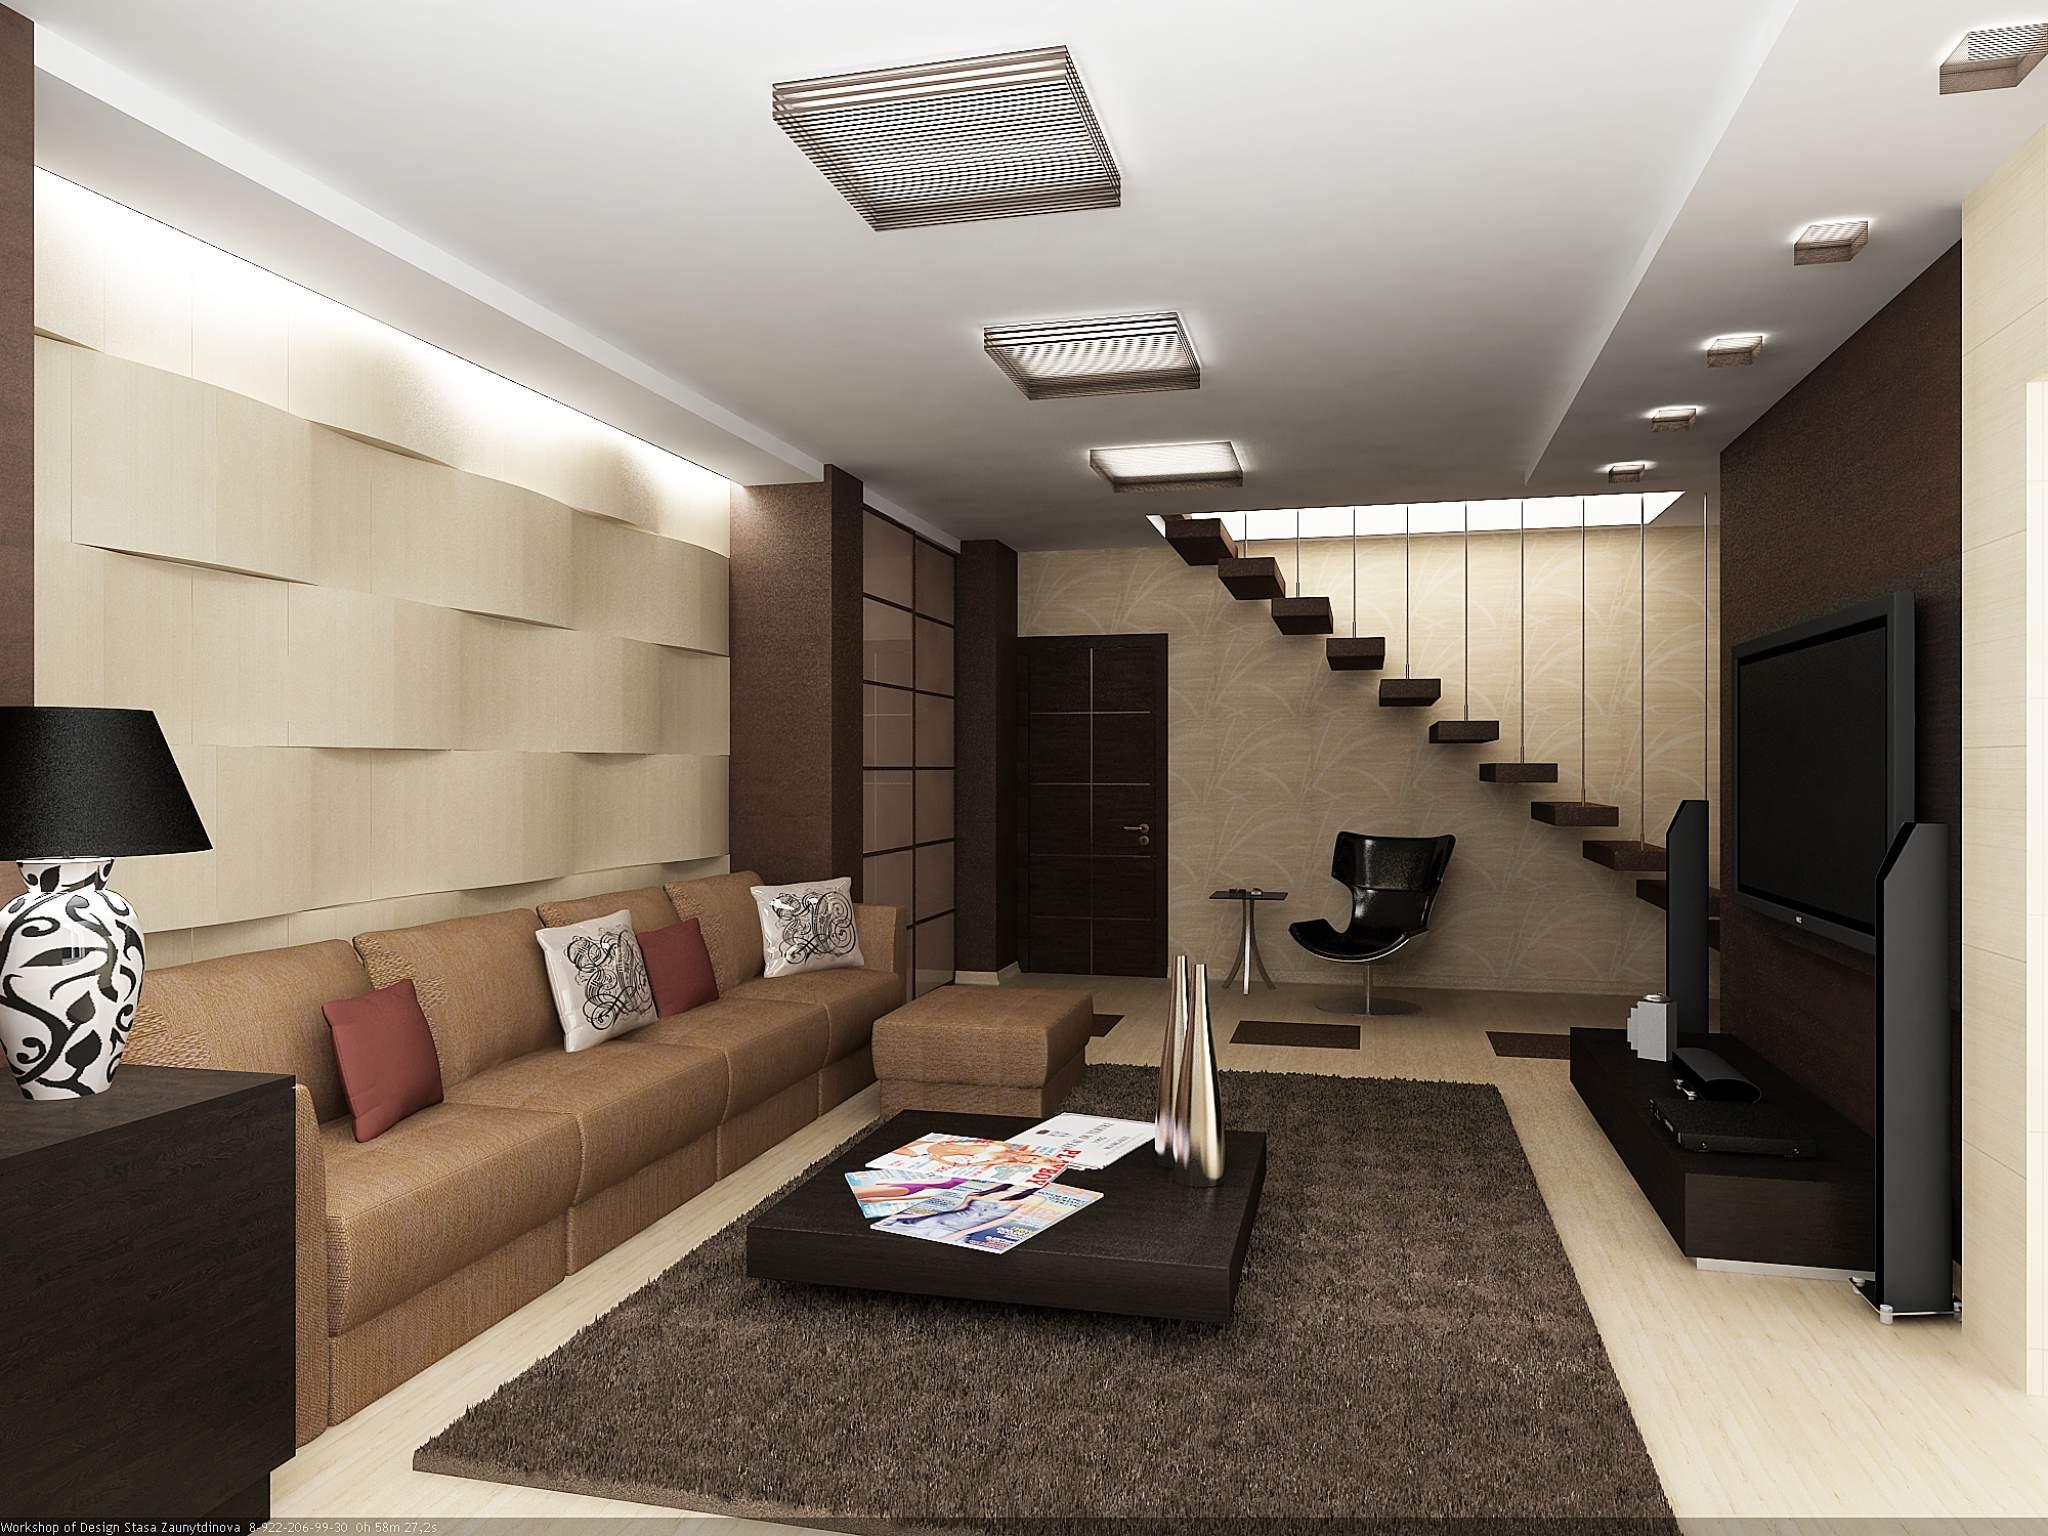 Двухуровневая квартира фото дизайна интерьера